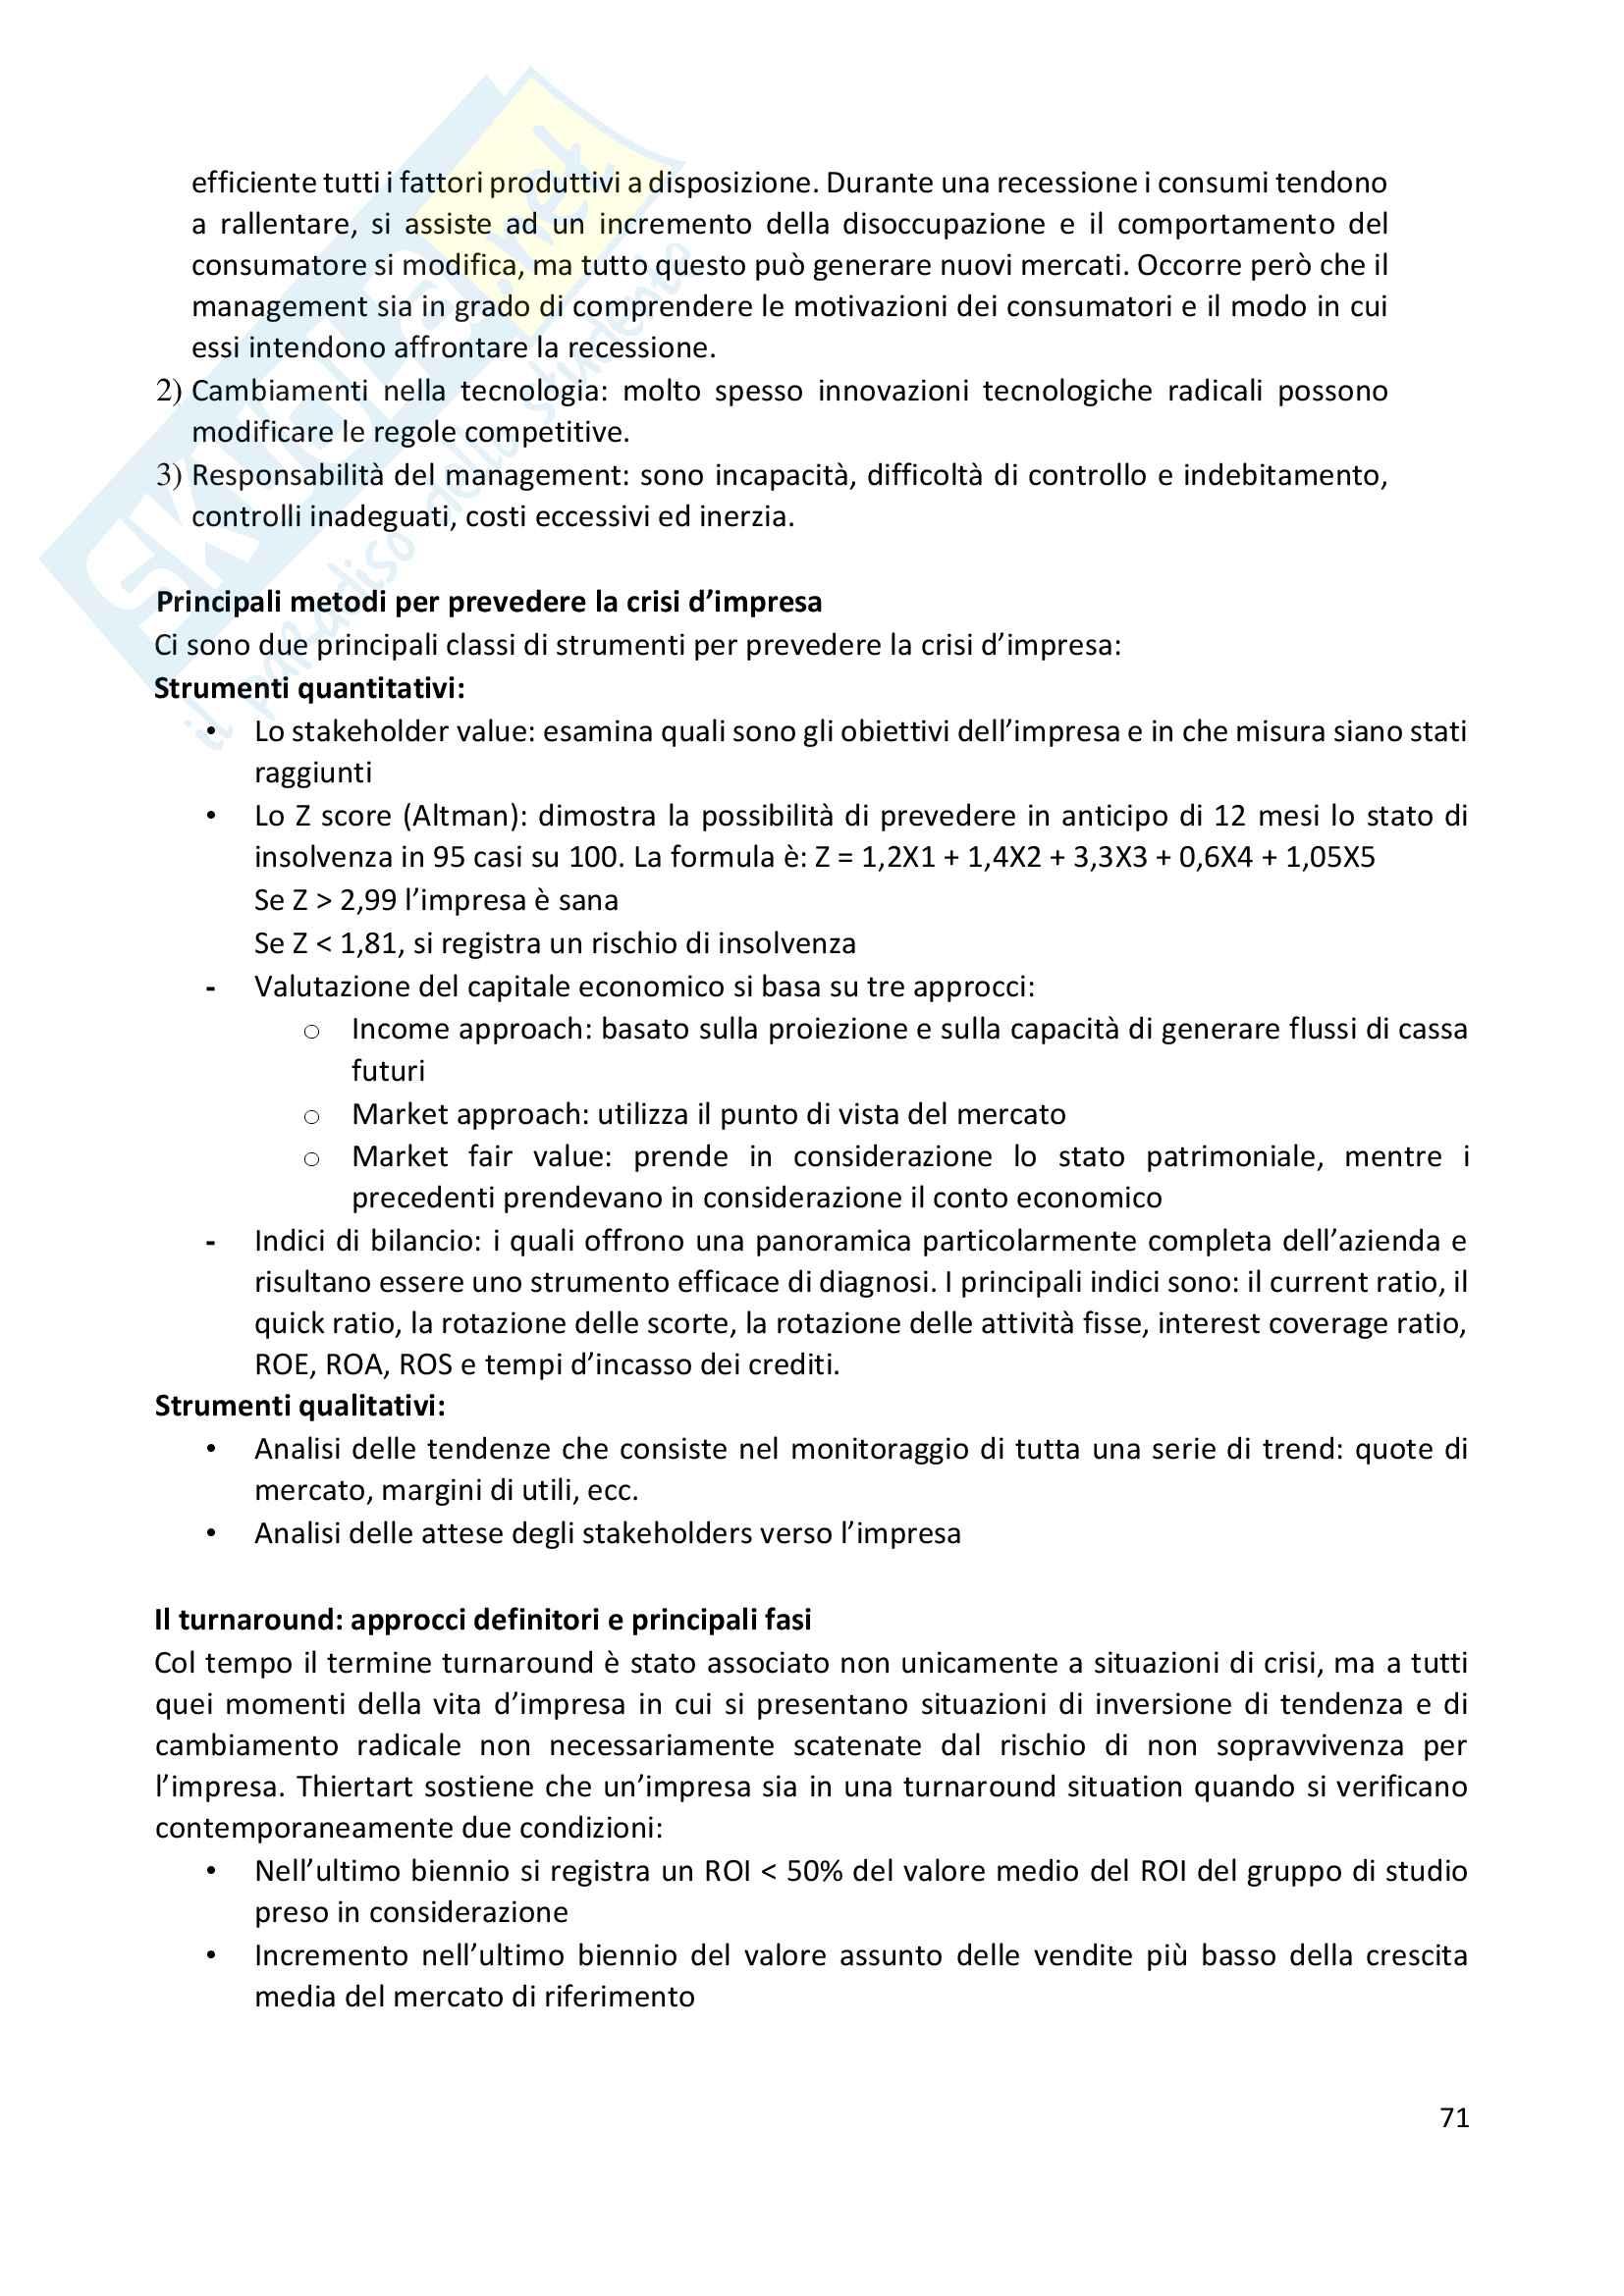 Riassunto esame Corporate Finance, prof. Miglietta-Schiesari Pag. 71